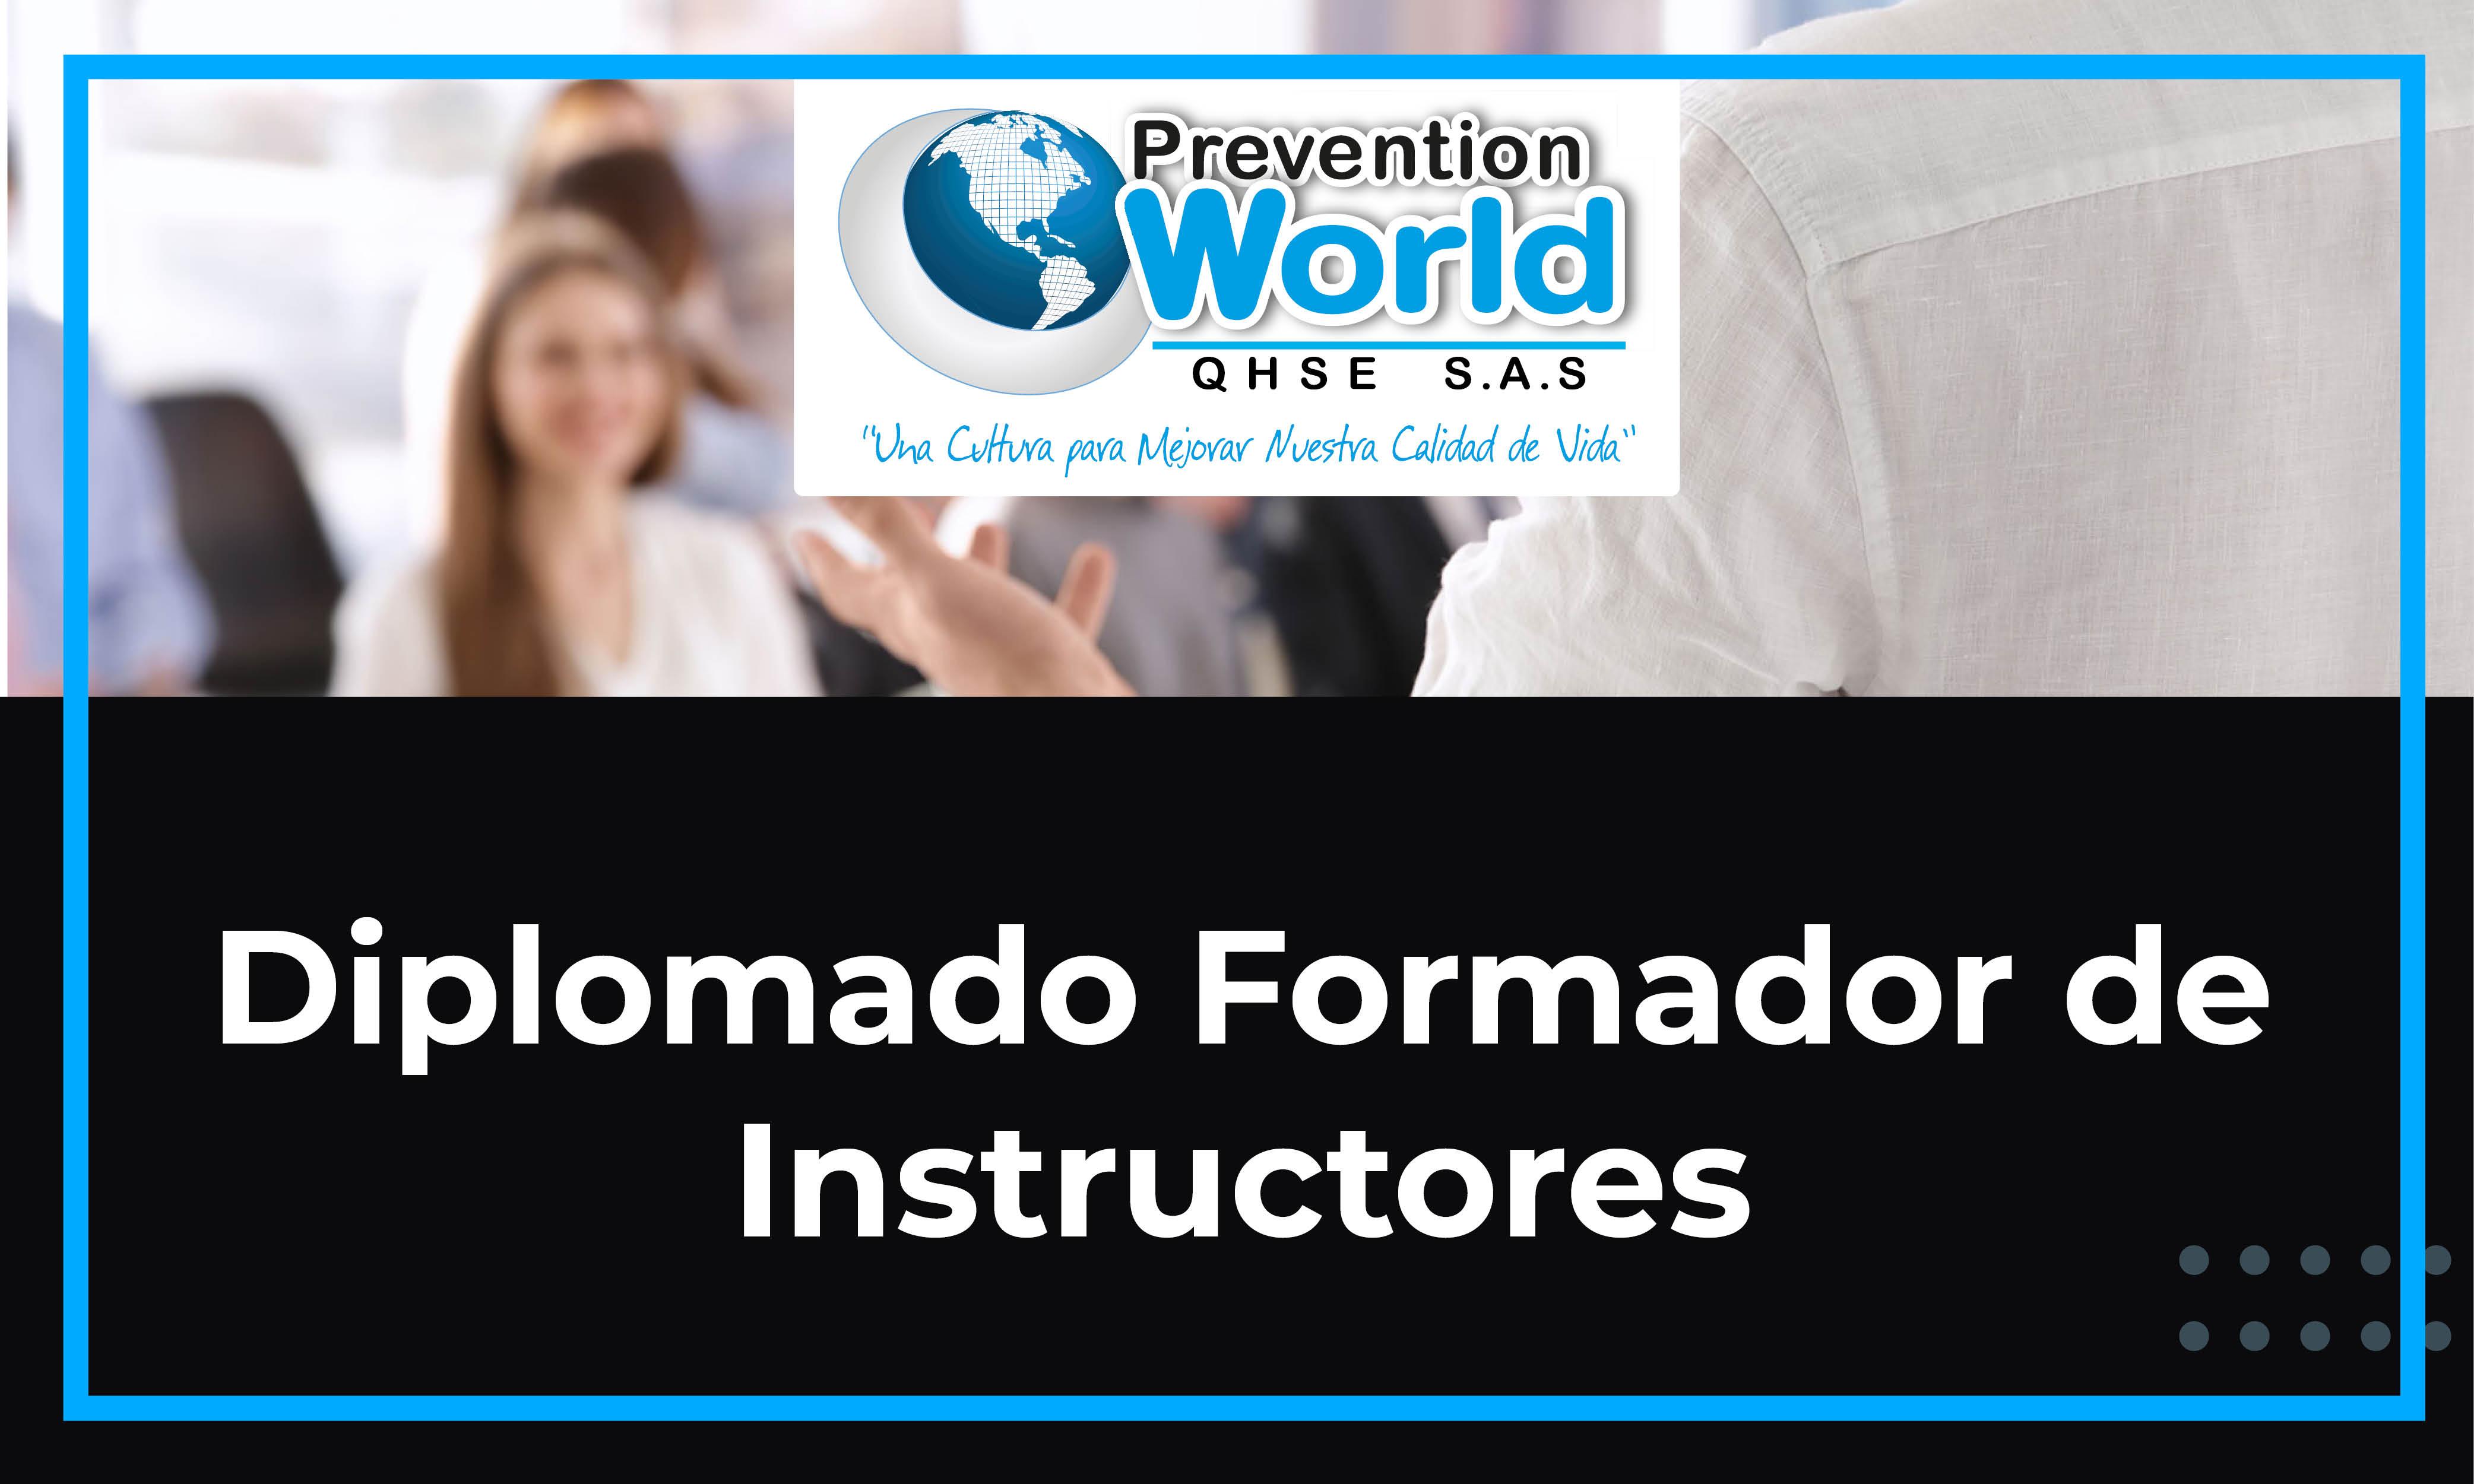 Diplomado Formador de Instructores